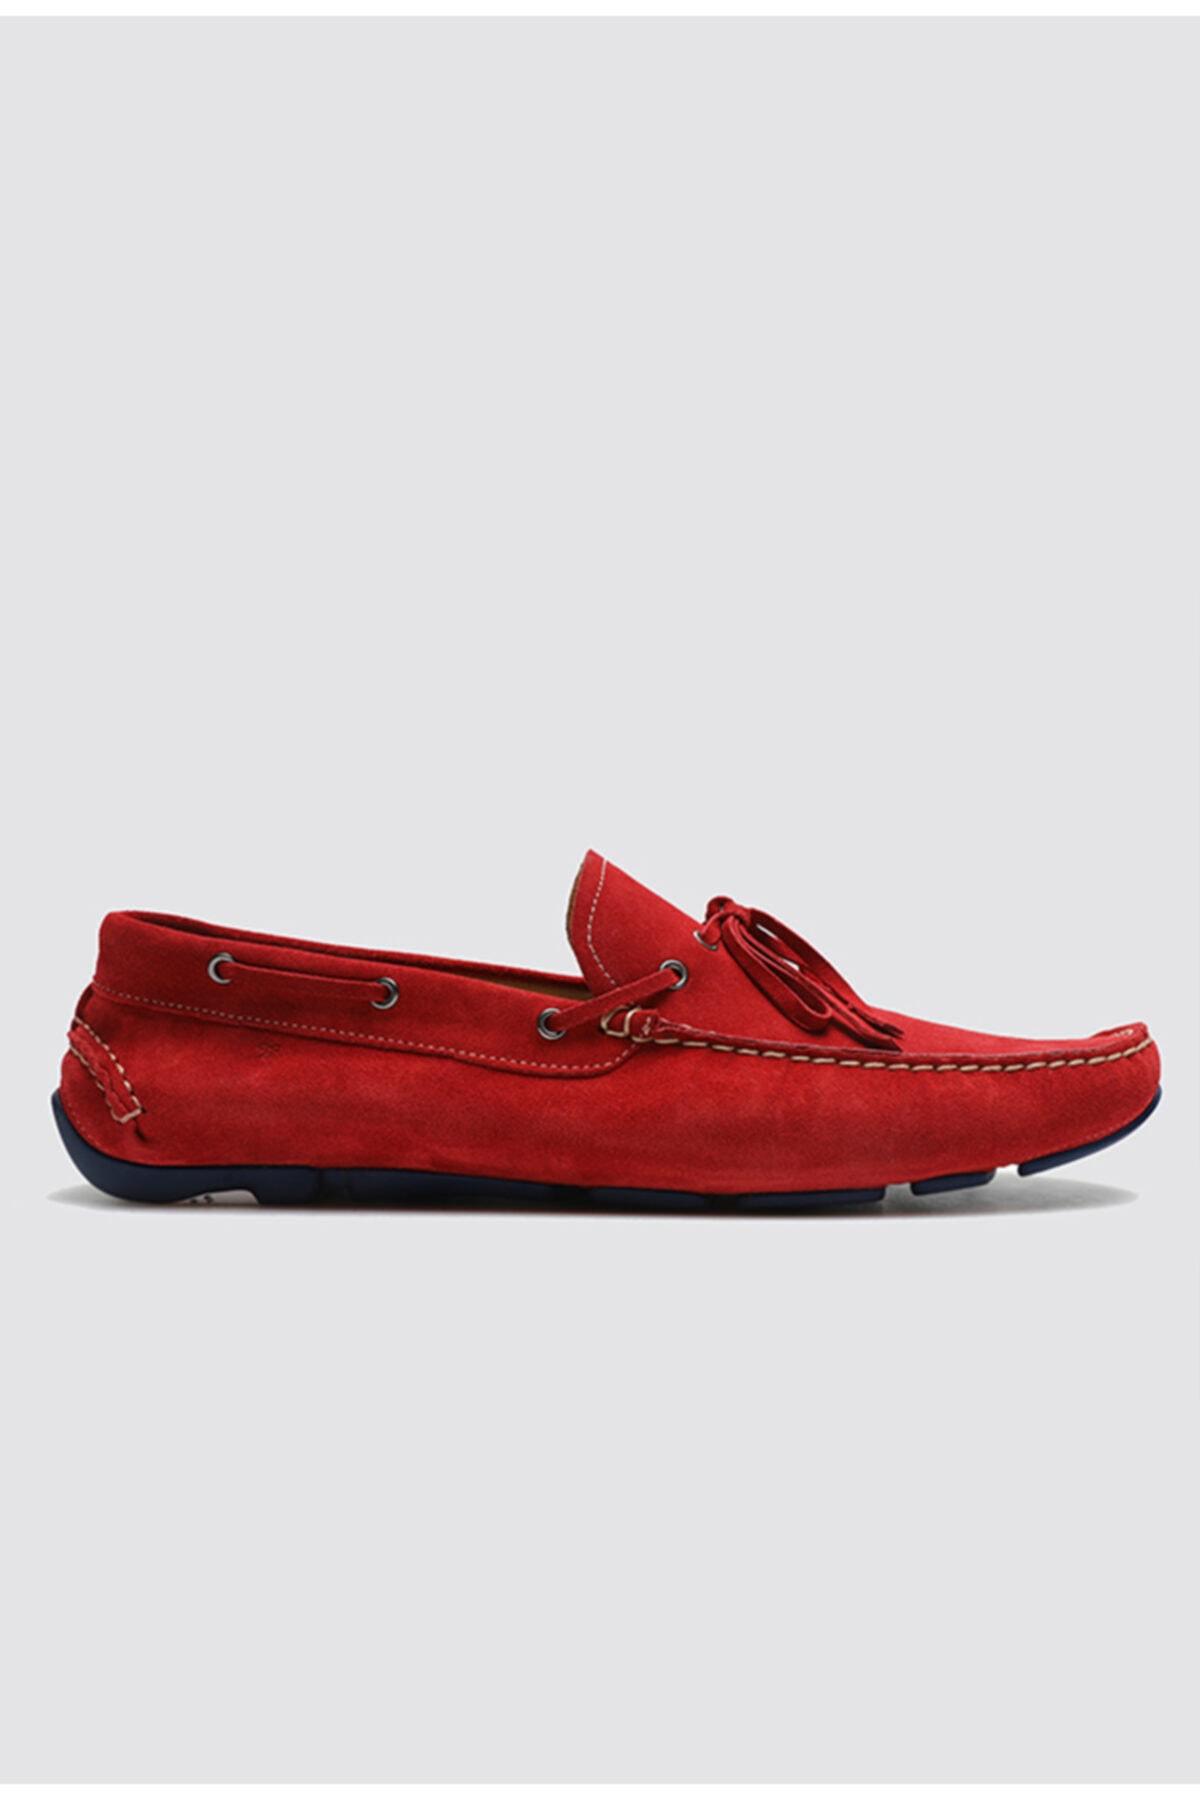 D'S Damat Damat Kırmızı Ayakkabı 1